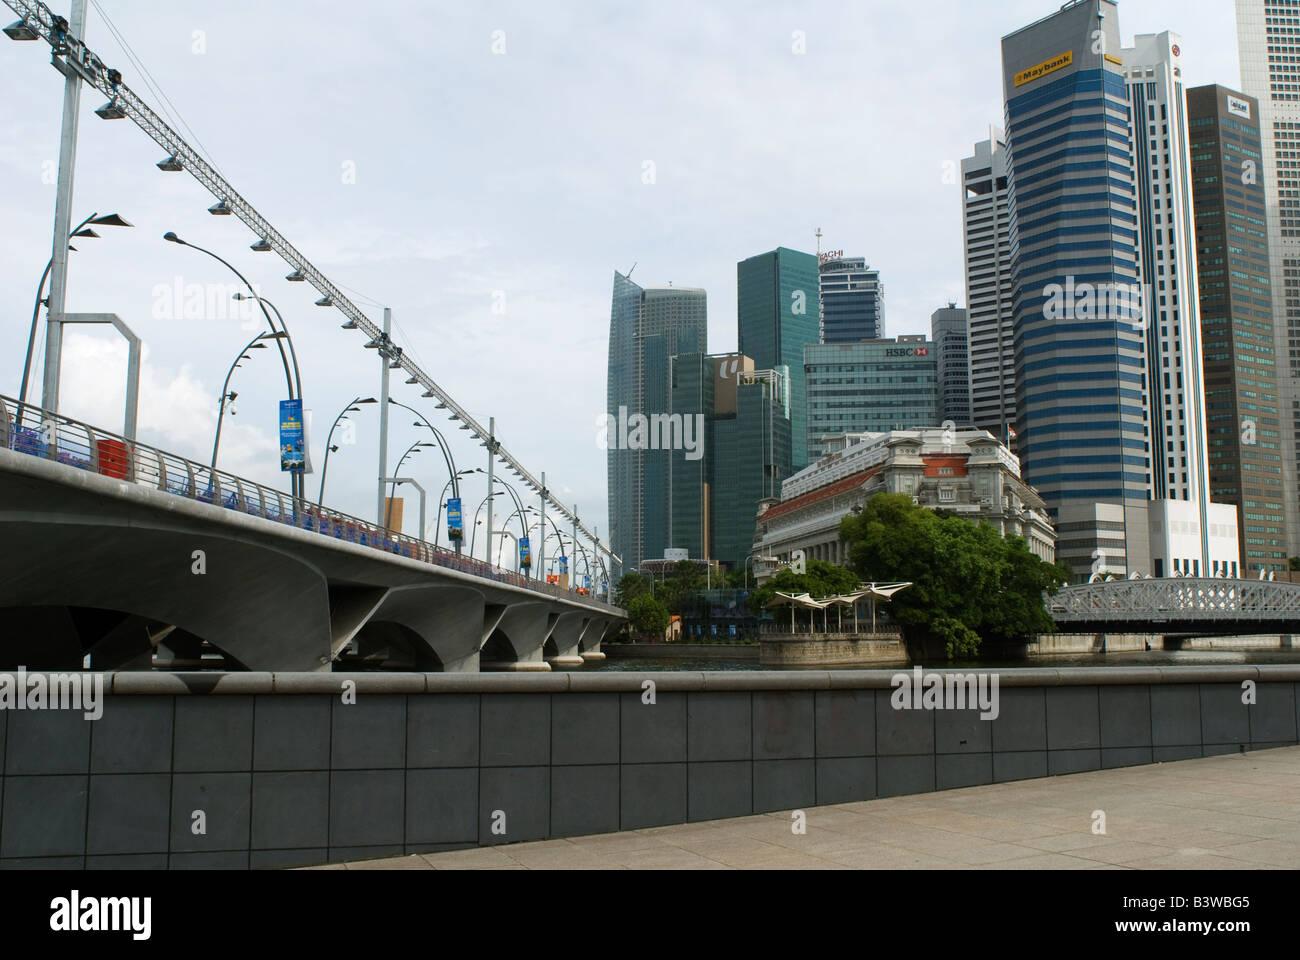 Circuito F1 Singapur : Esplanade drive puente parte del circuito de f de singapur es